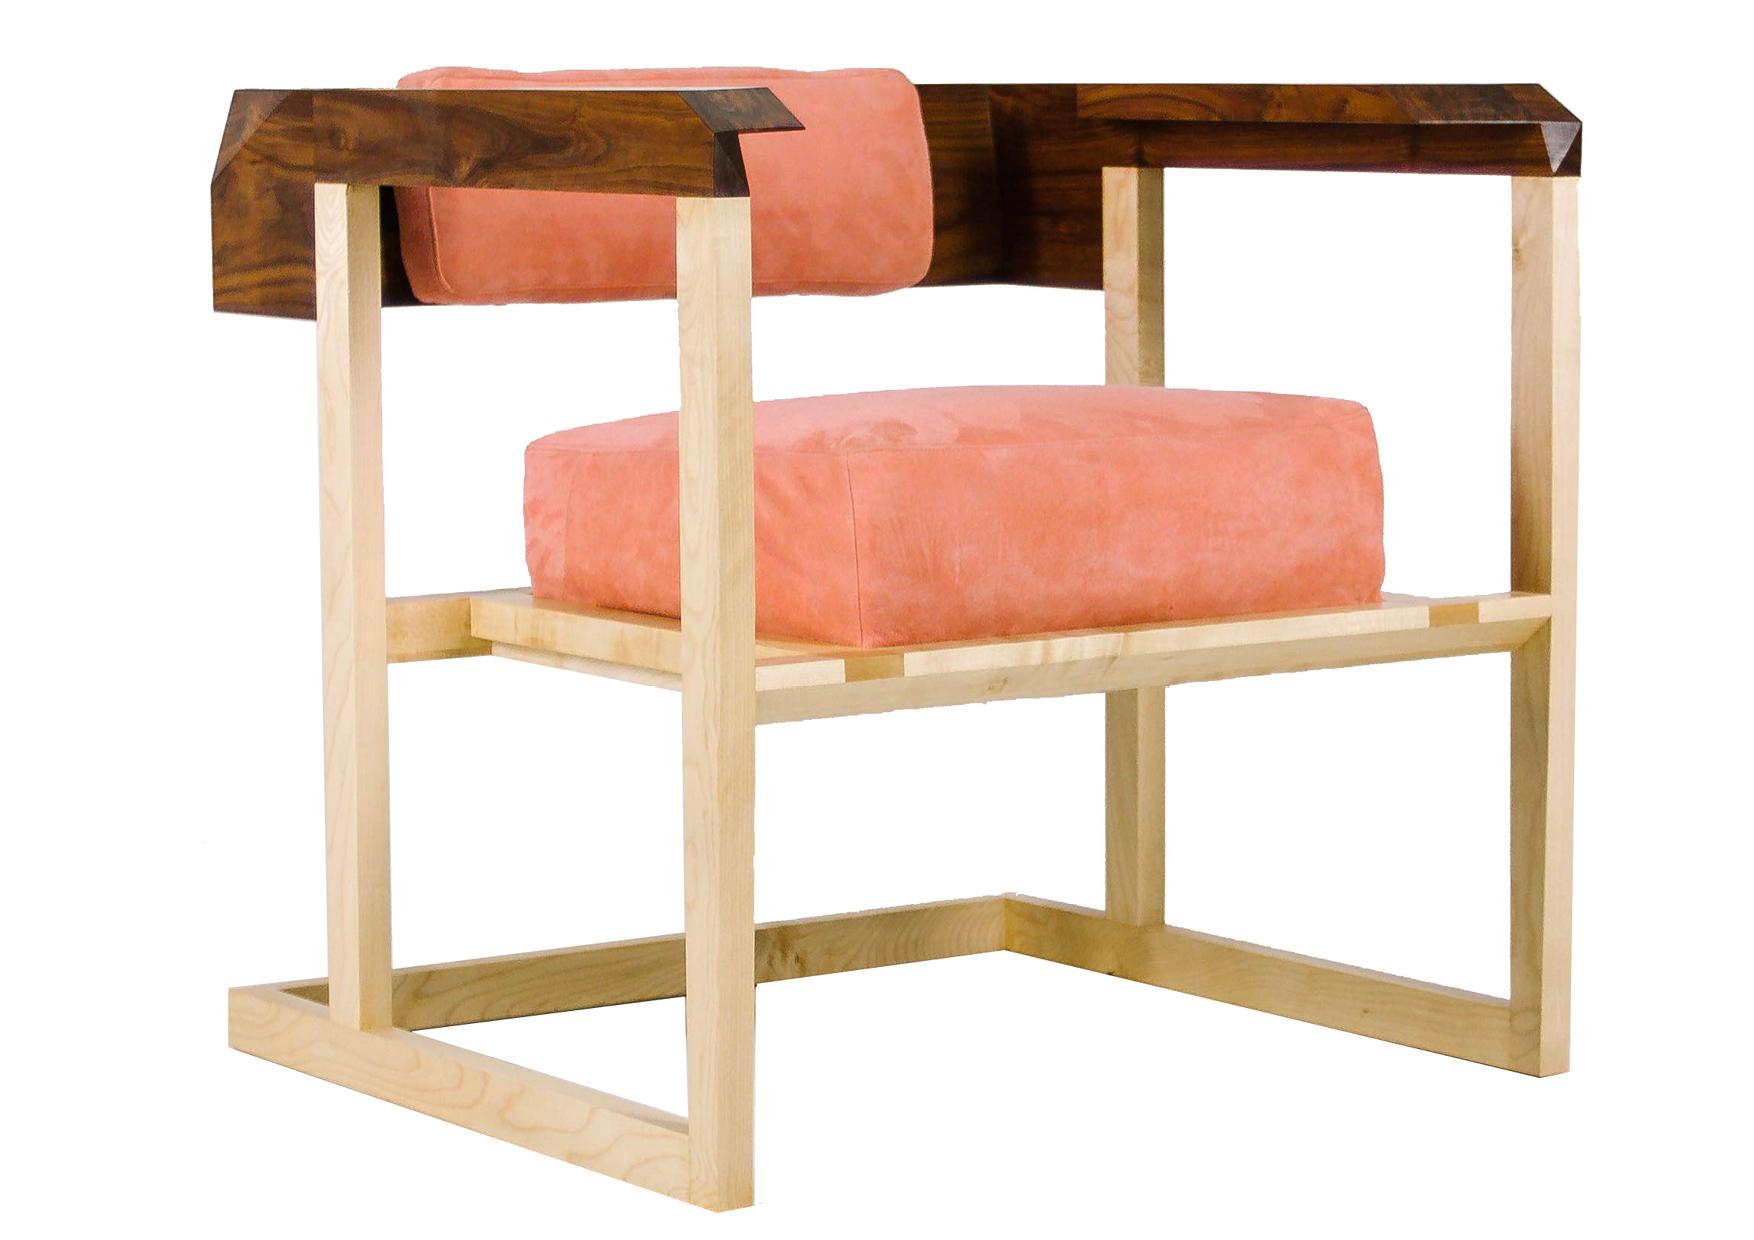 Кресло Pink CreamsonПолукресла<br>Кресло из массива клена с подлокотниками из массива американского ореха. Мягкая подушка из розовои? замши скрывает натуральныи? наполнитель: кои?ра — спресованное кокосовое волокно и латекс. В качестве основания под подушку используется классическая технология, при которой хлопковые ремни прибиваются гвоздями к раме. Это дает конструкции легкость и дополнительную мягкость при сидении.&amp;amp;nbsp;<br><br>Material: Замша<br>Width см: 62<br>Depth см: 62<br>Height см: 59